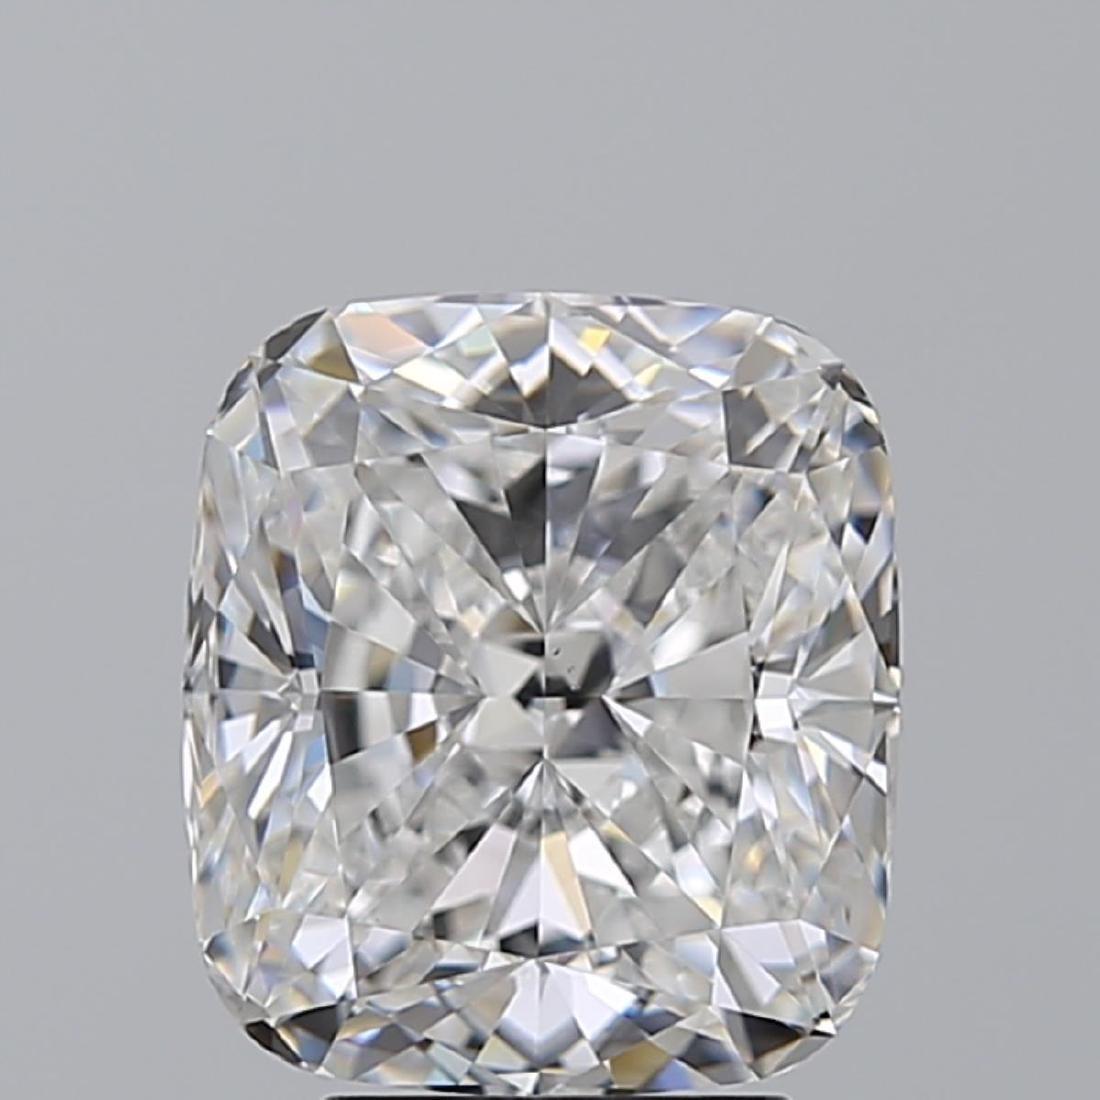 4.02 ct, Color E/VS1, Cushion cut Diamond - 2